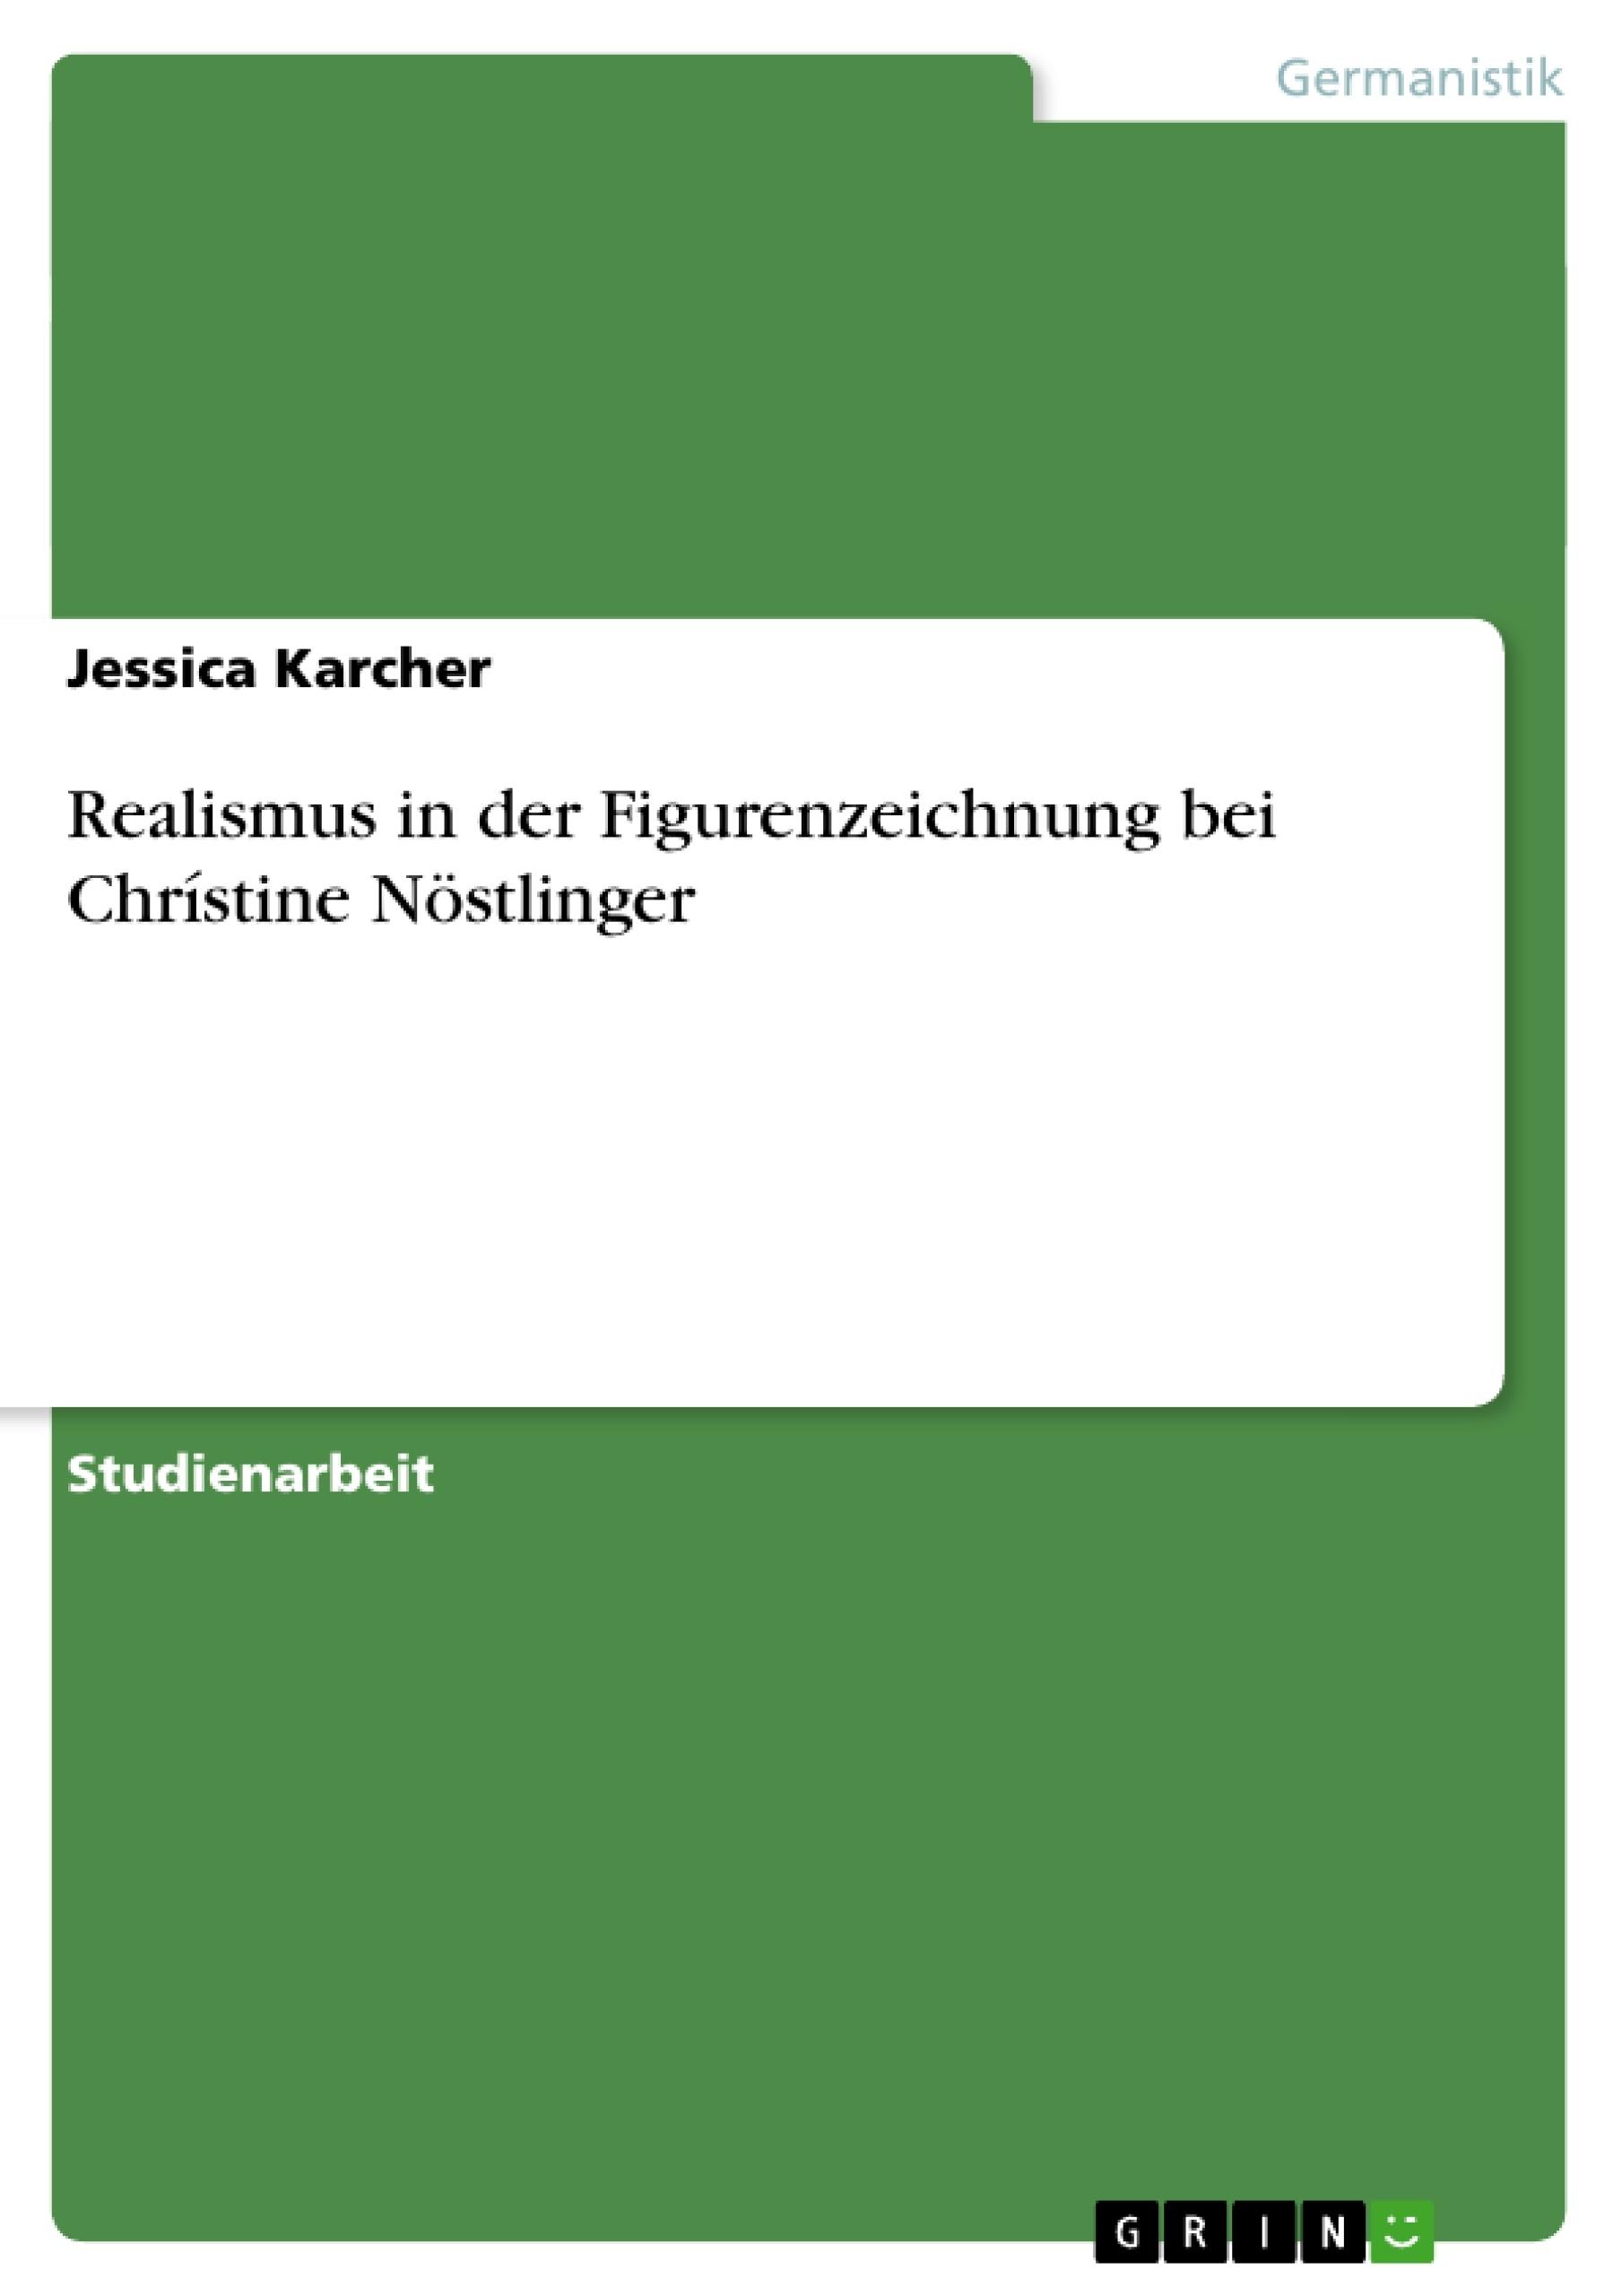 Titel: Realismus in der Figurenzeichnung bei Chrístine Nöstlinger